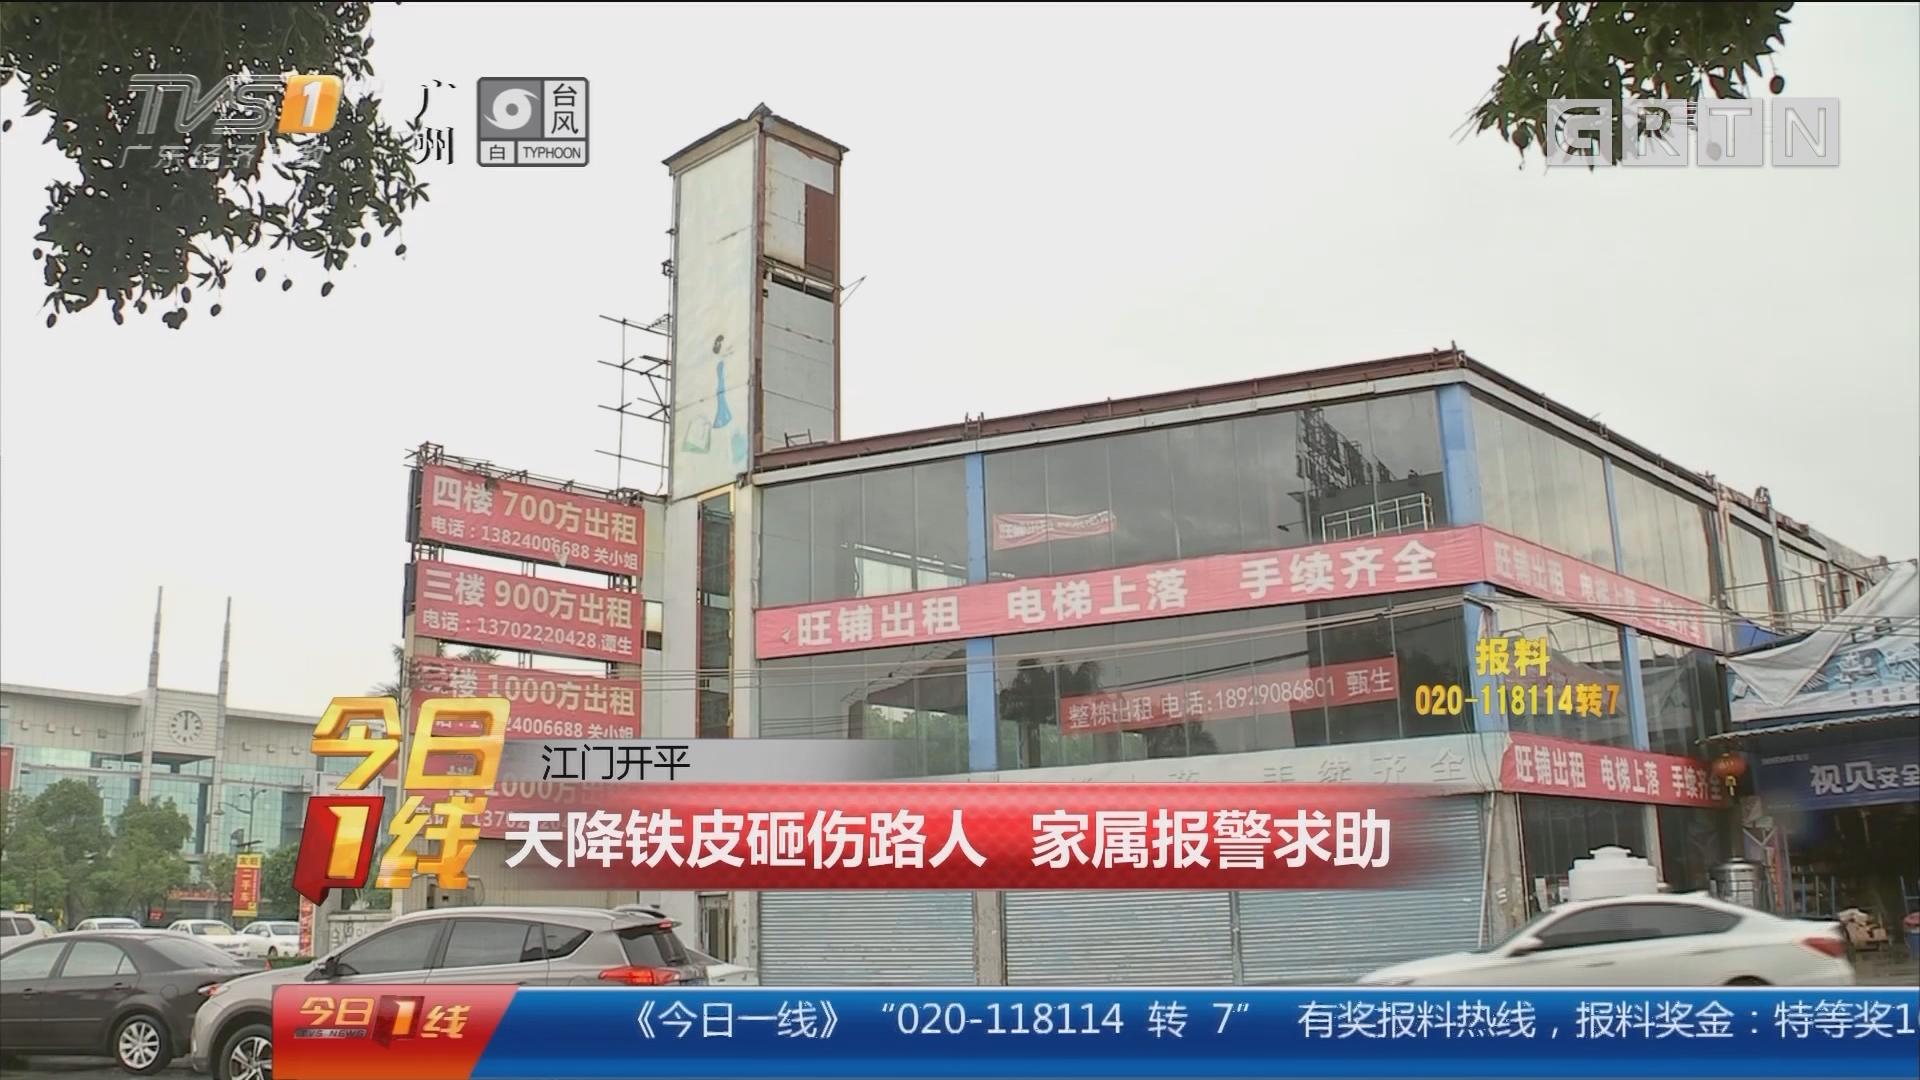 江门开平:天降铁皮砸伤路人 家属报警求助